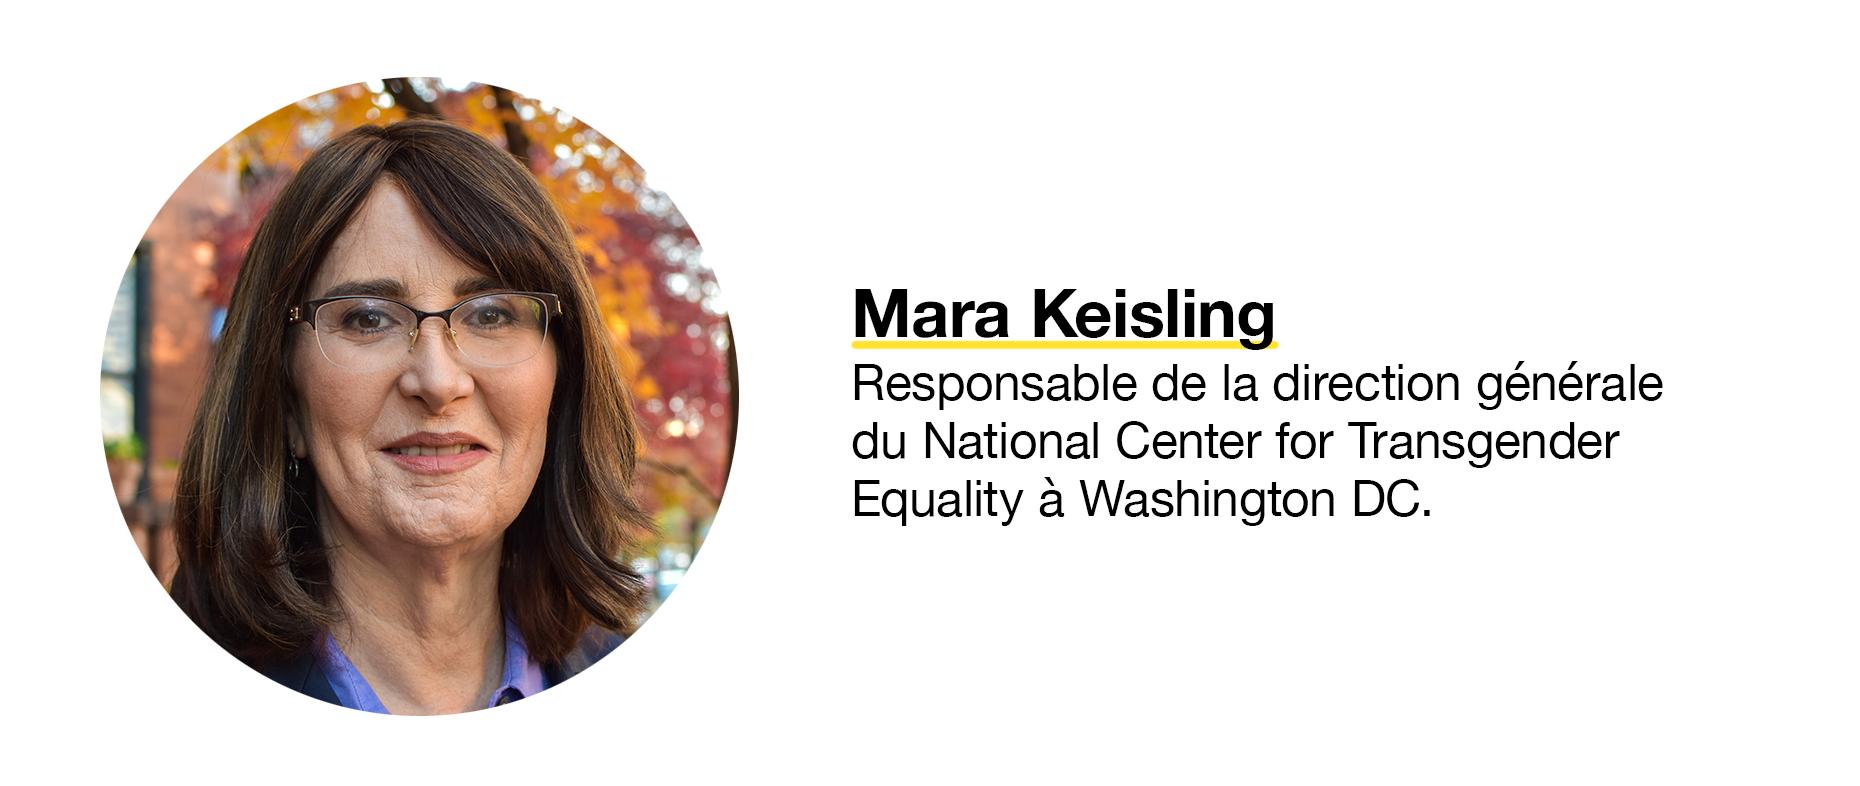 Mara Keisling, responsable de la direction générale du National Center for Transgender Equality à Washington.